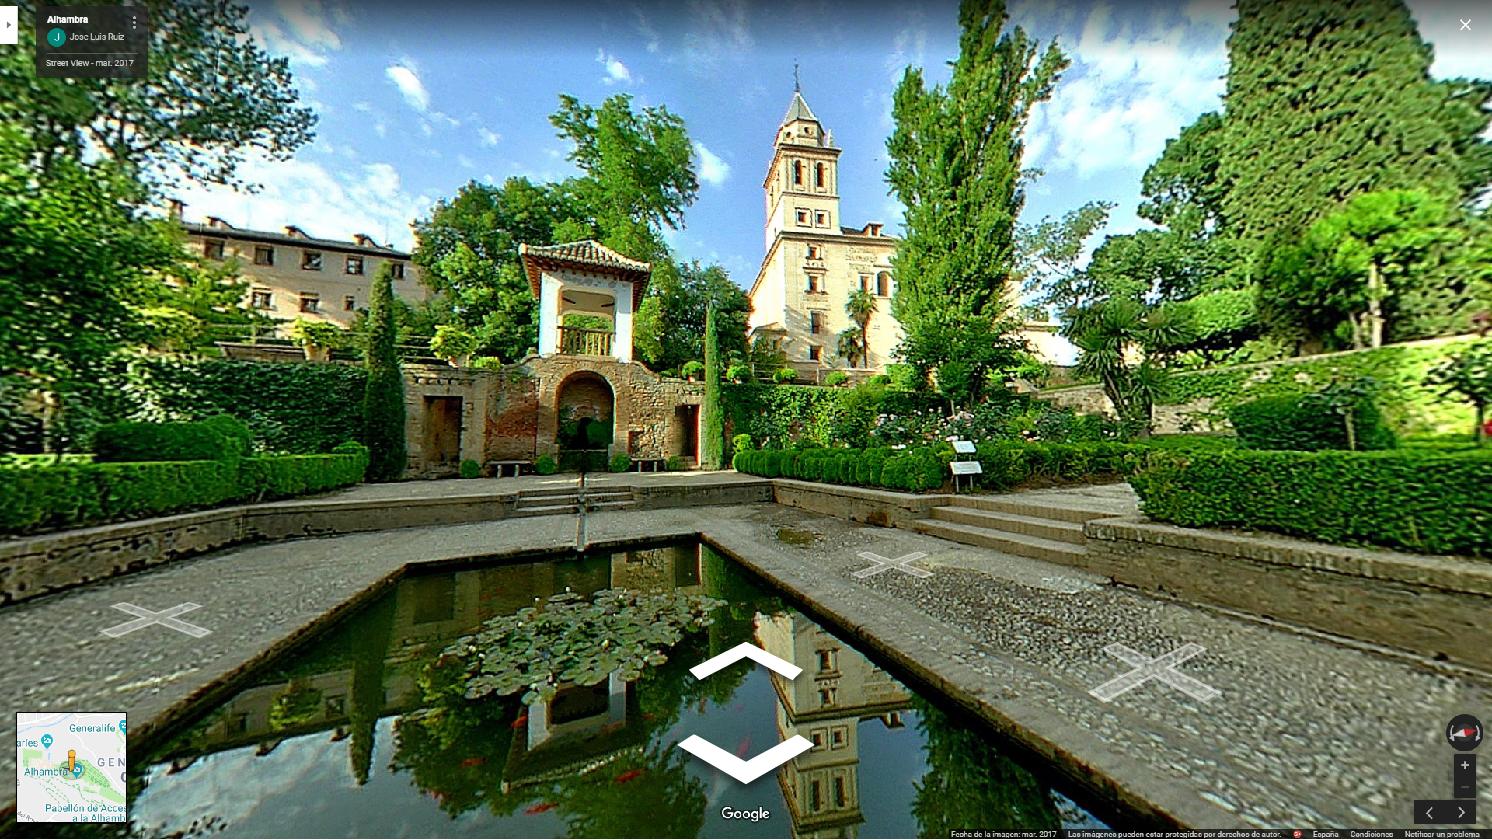 Sube tus tours a Google Street View